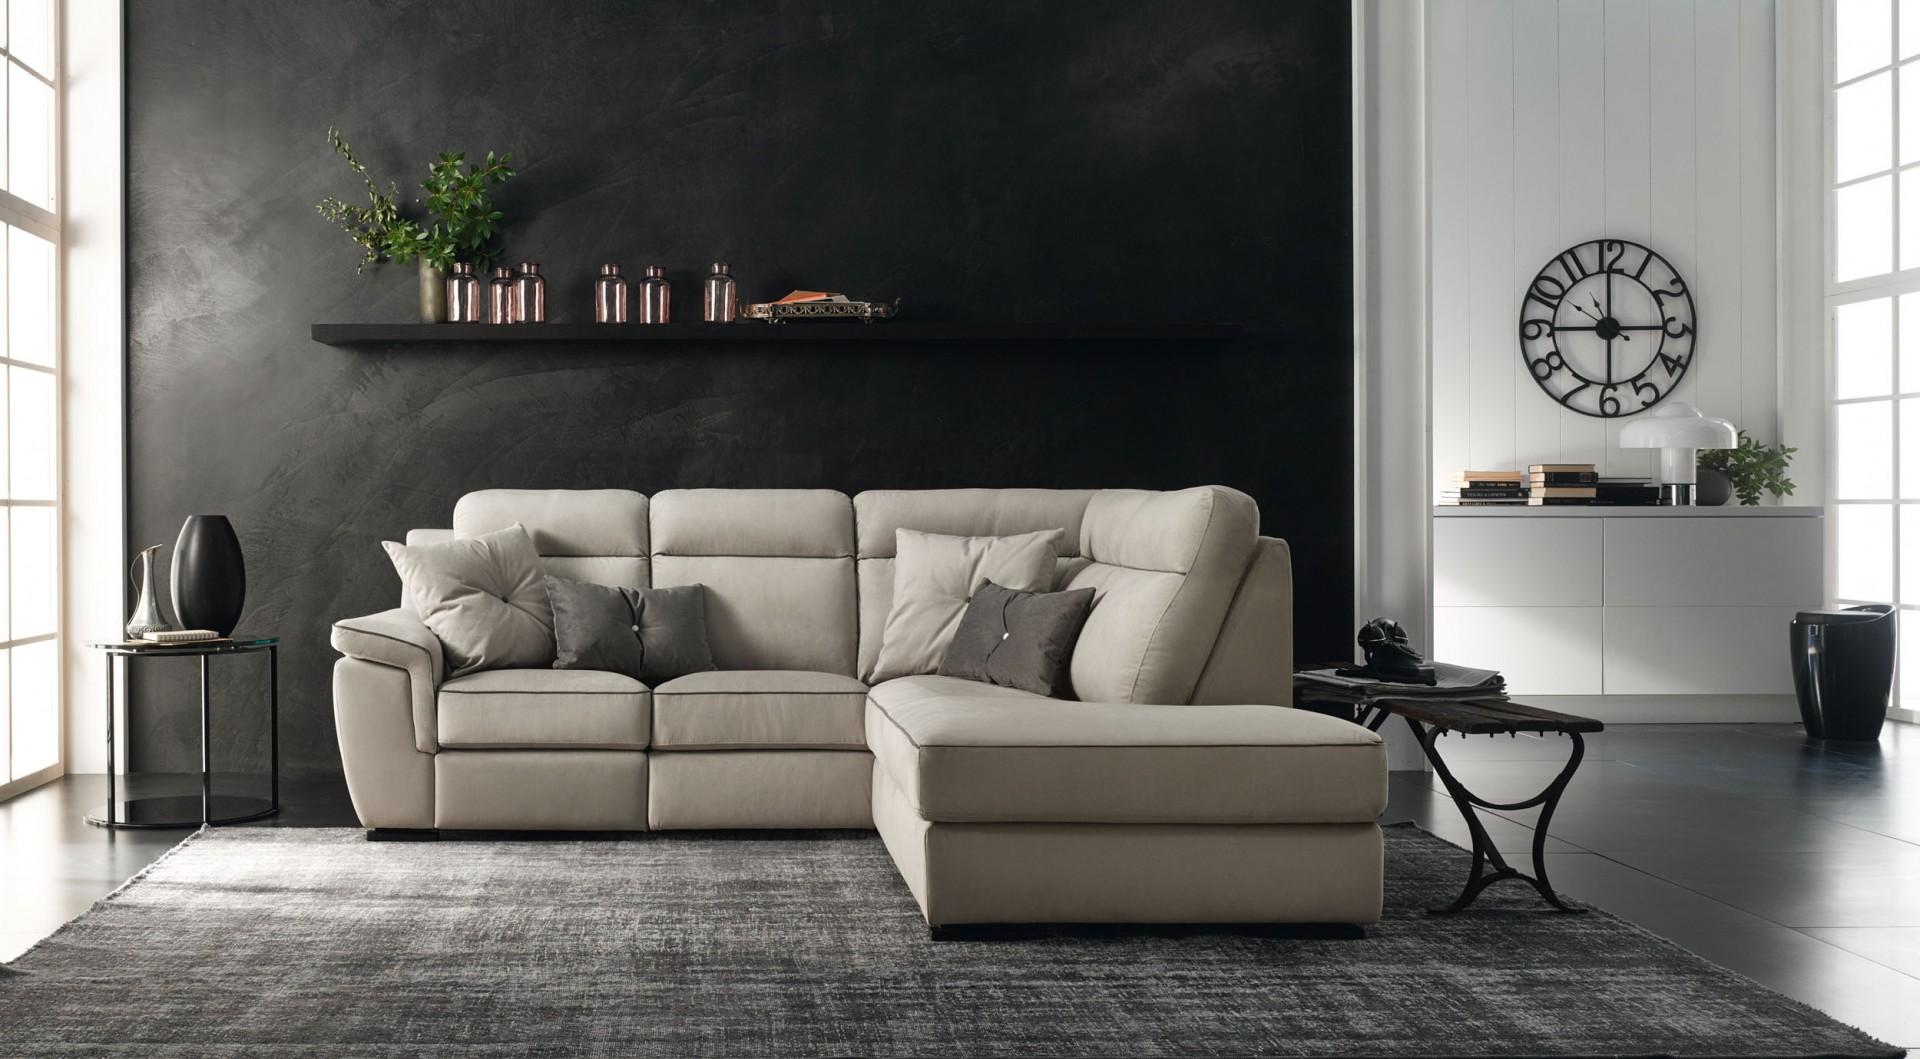 Beautiful le confort divani contemporary acrylicgiftware for I migliori divani 2016